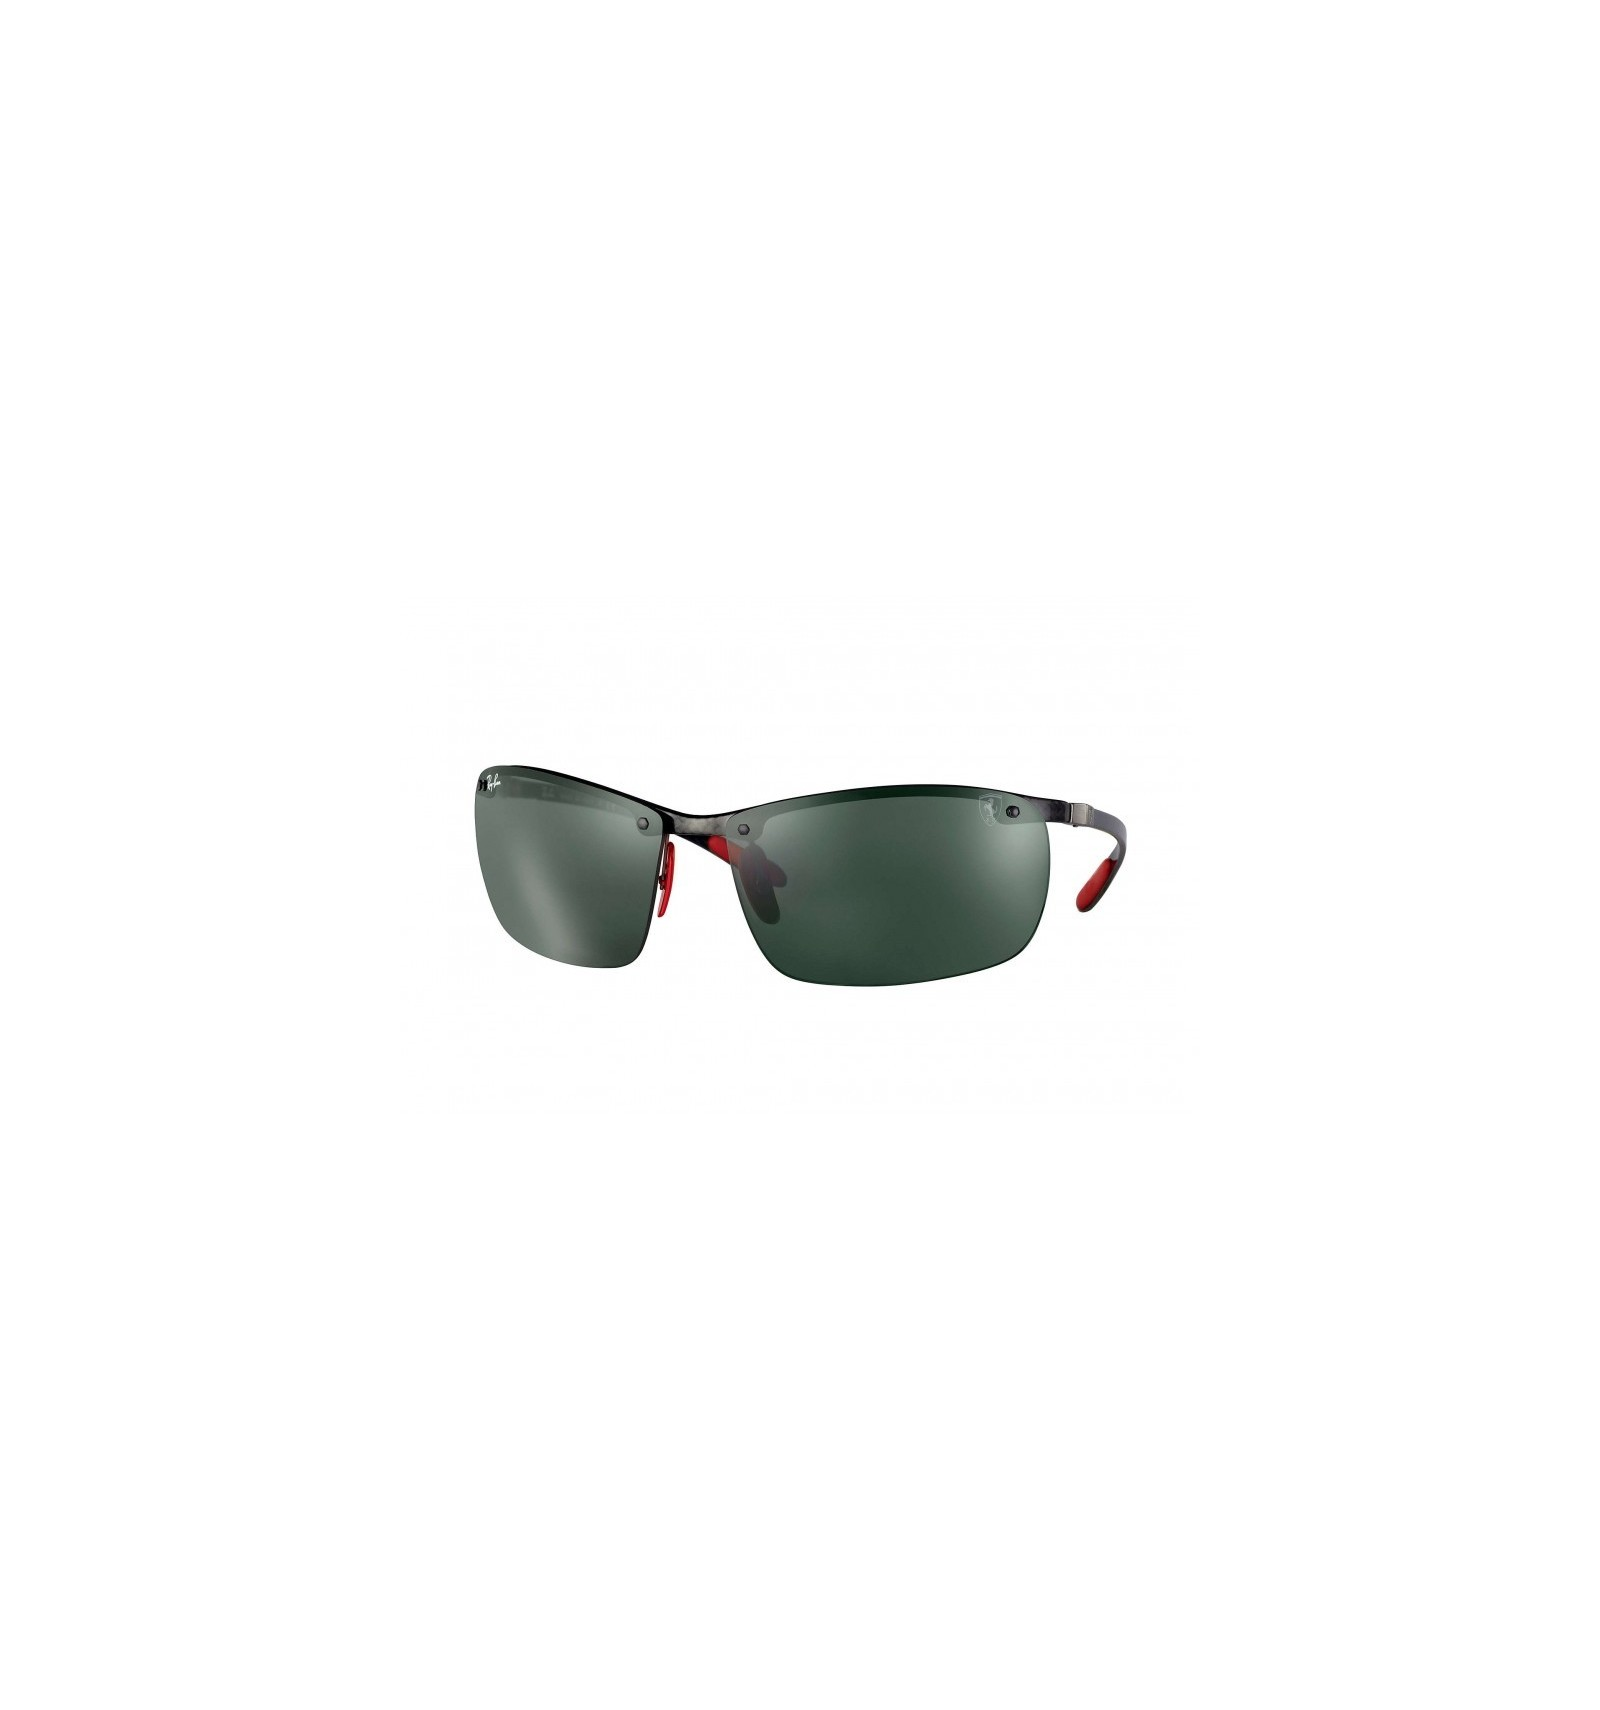 Gafas de sol RAY BAN Ferrari 8305M Negro - Verde Clásico - Venta online a4472f8ed049